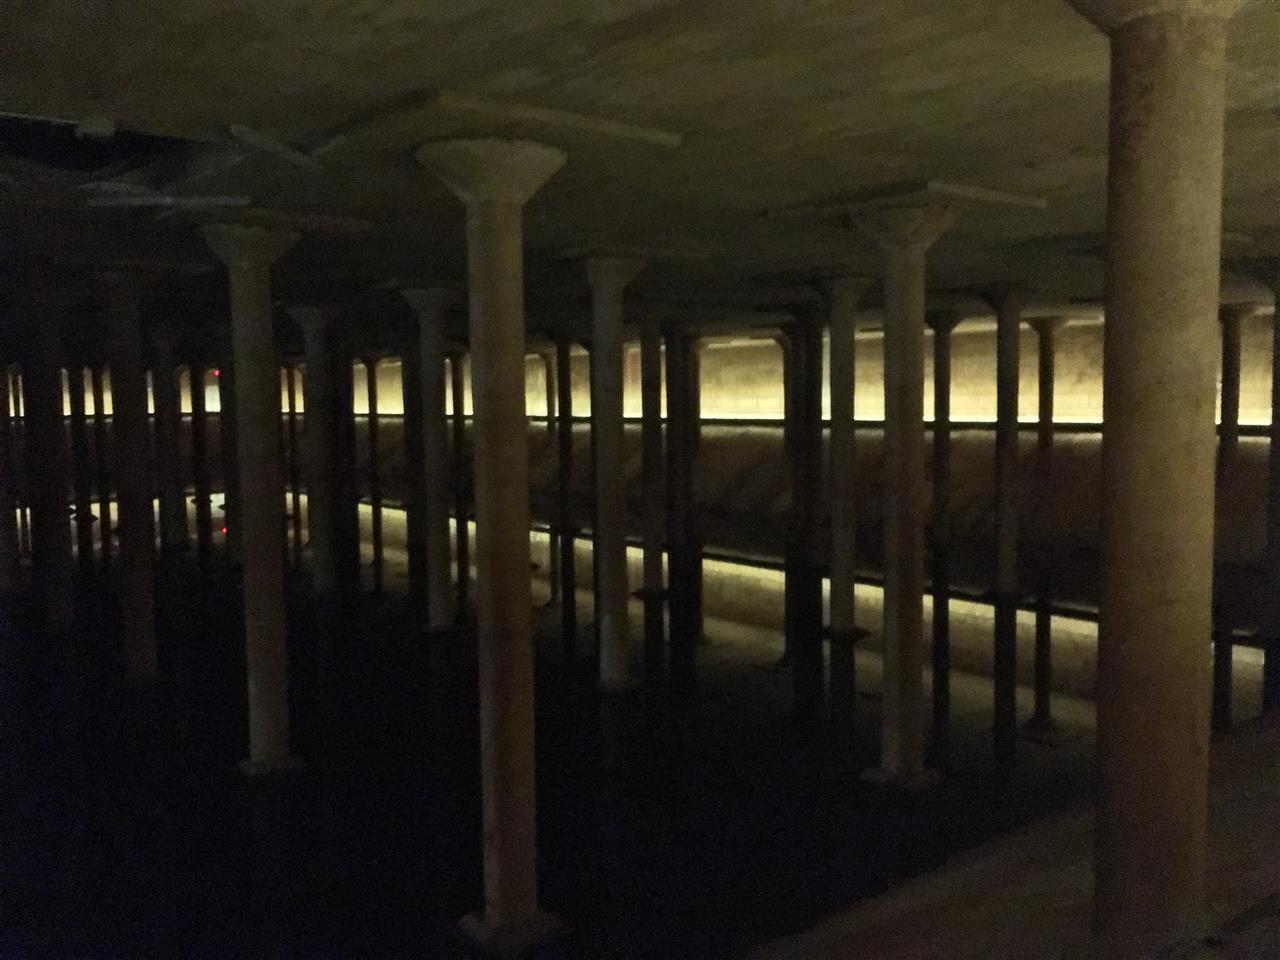 The Cistern on Sabine, Houston, Texas